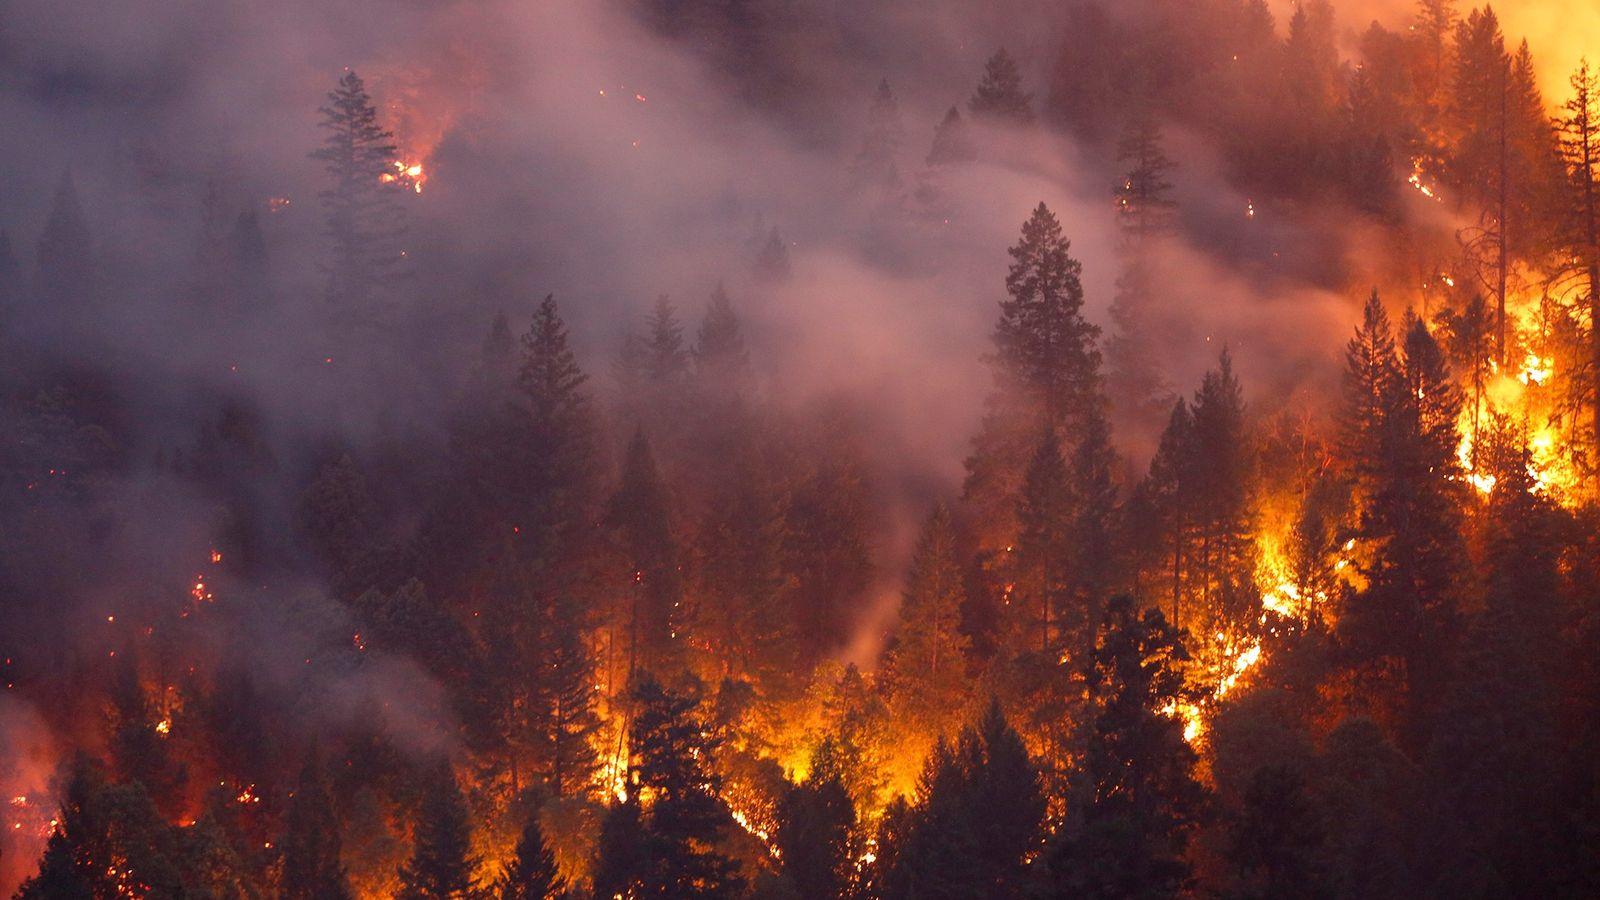 O fatal Incêndio Carr devasta floresta a oeste de Redding, Califórnia, em 30 de julho de ...